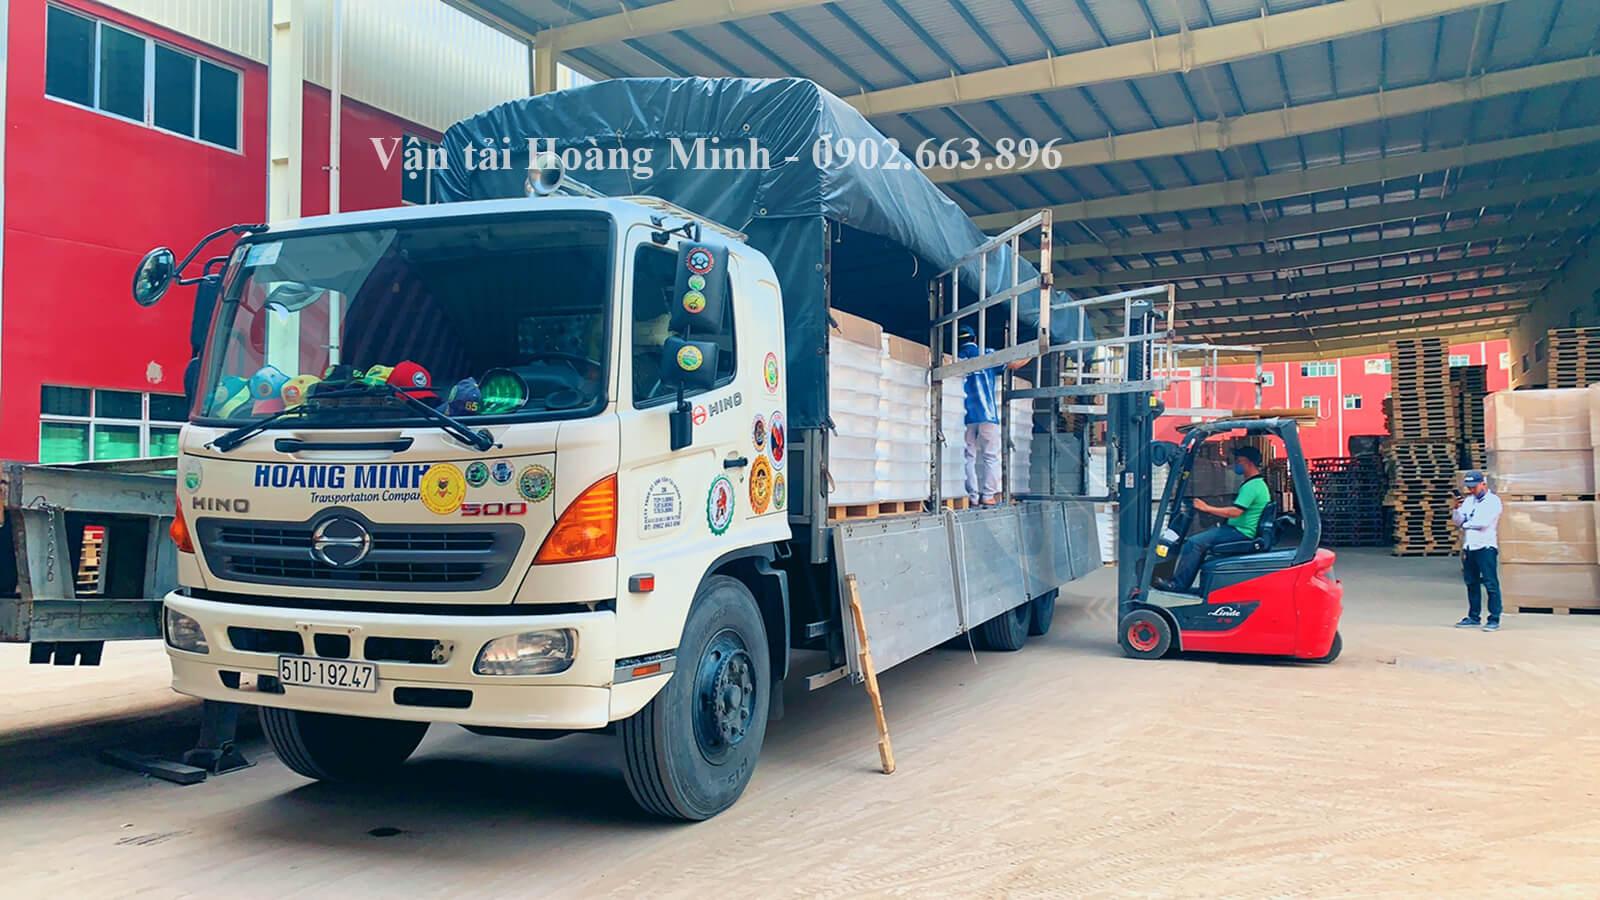 Loại xe tải chở hàng Vận tải Hoàng Minh đang cung cấp